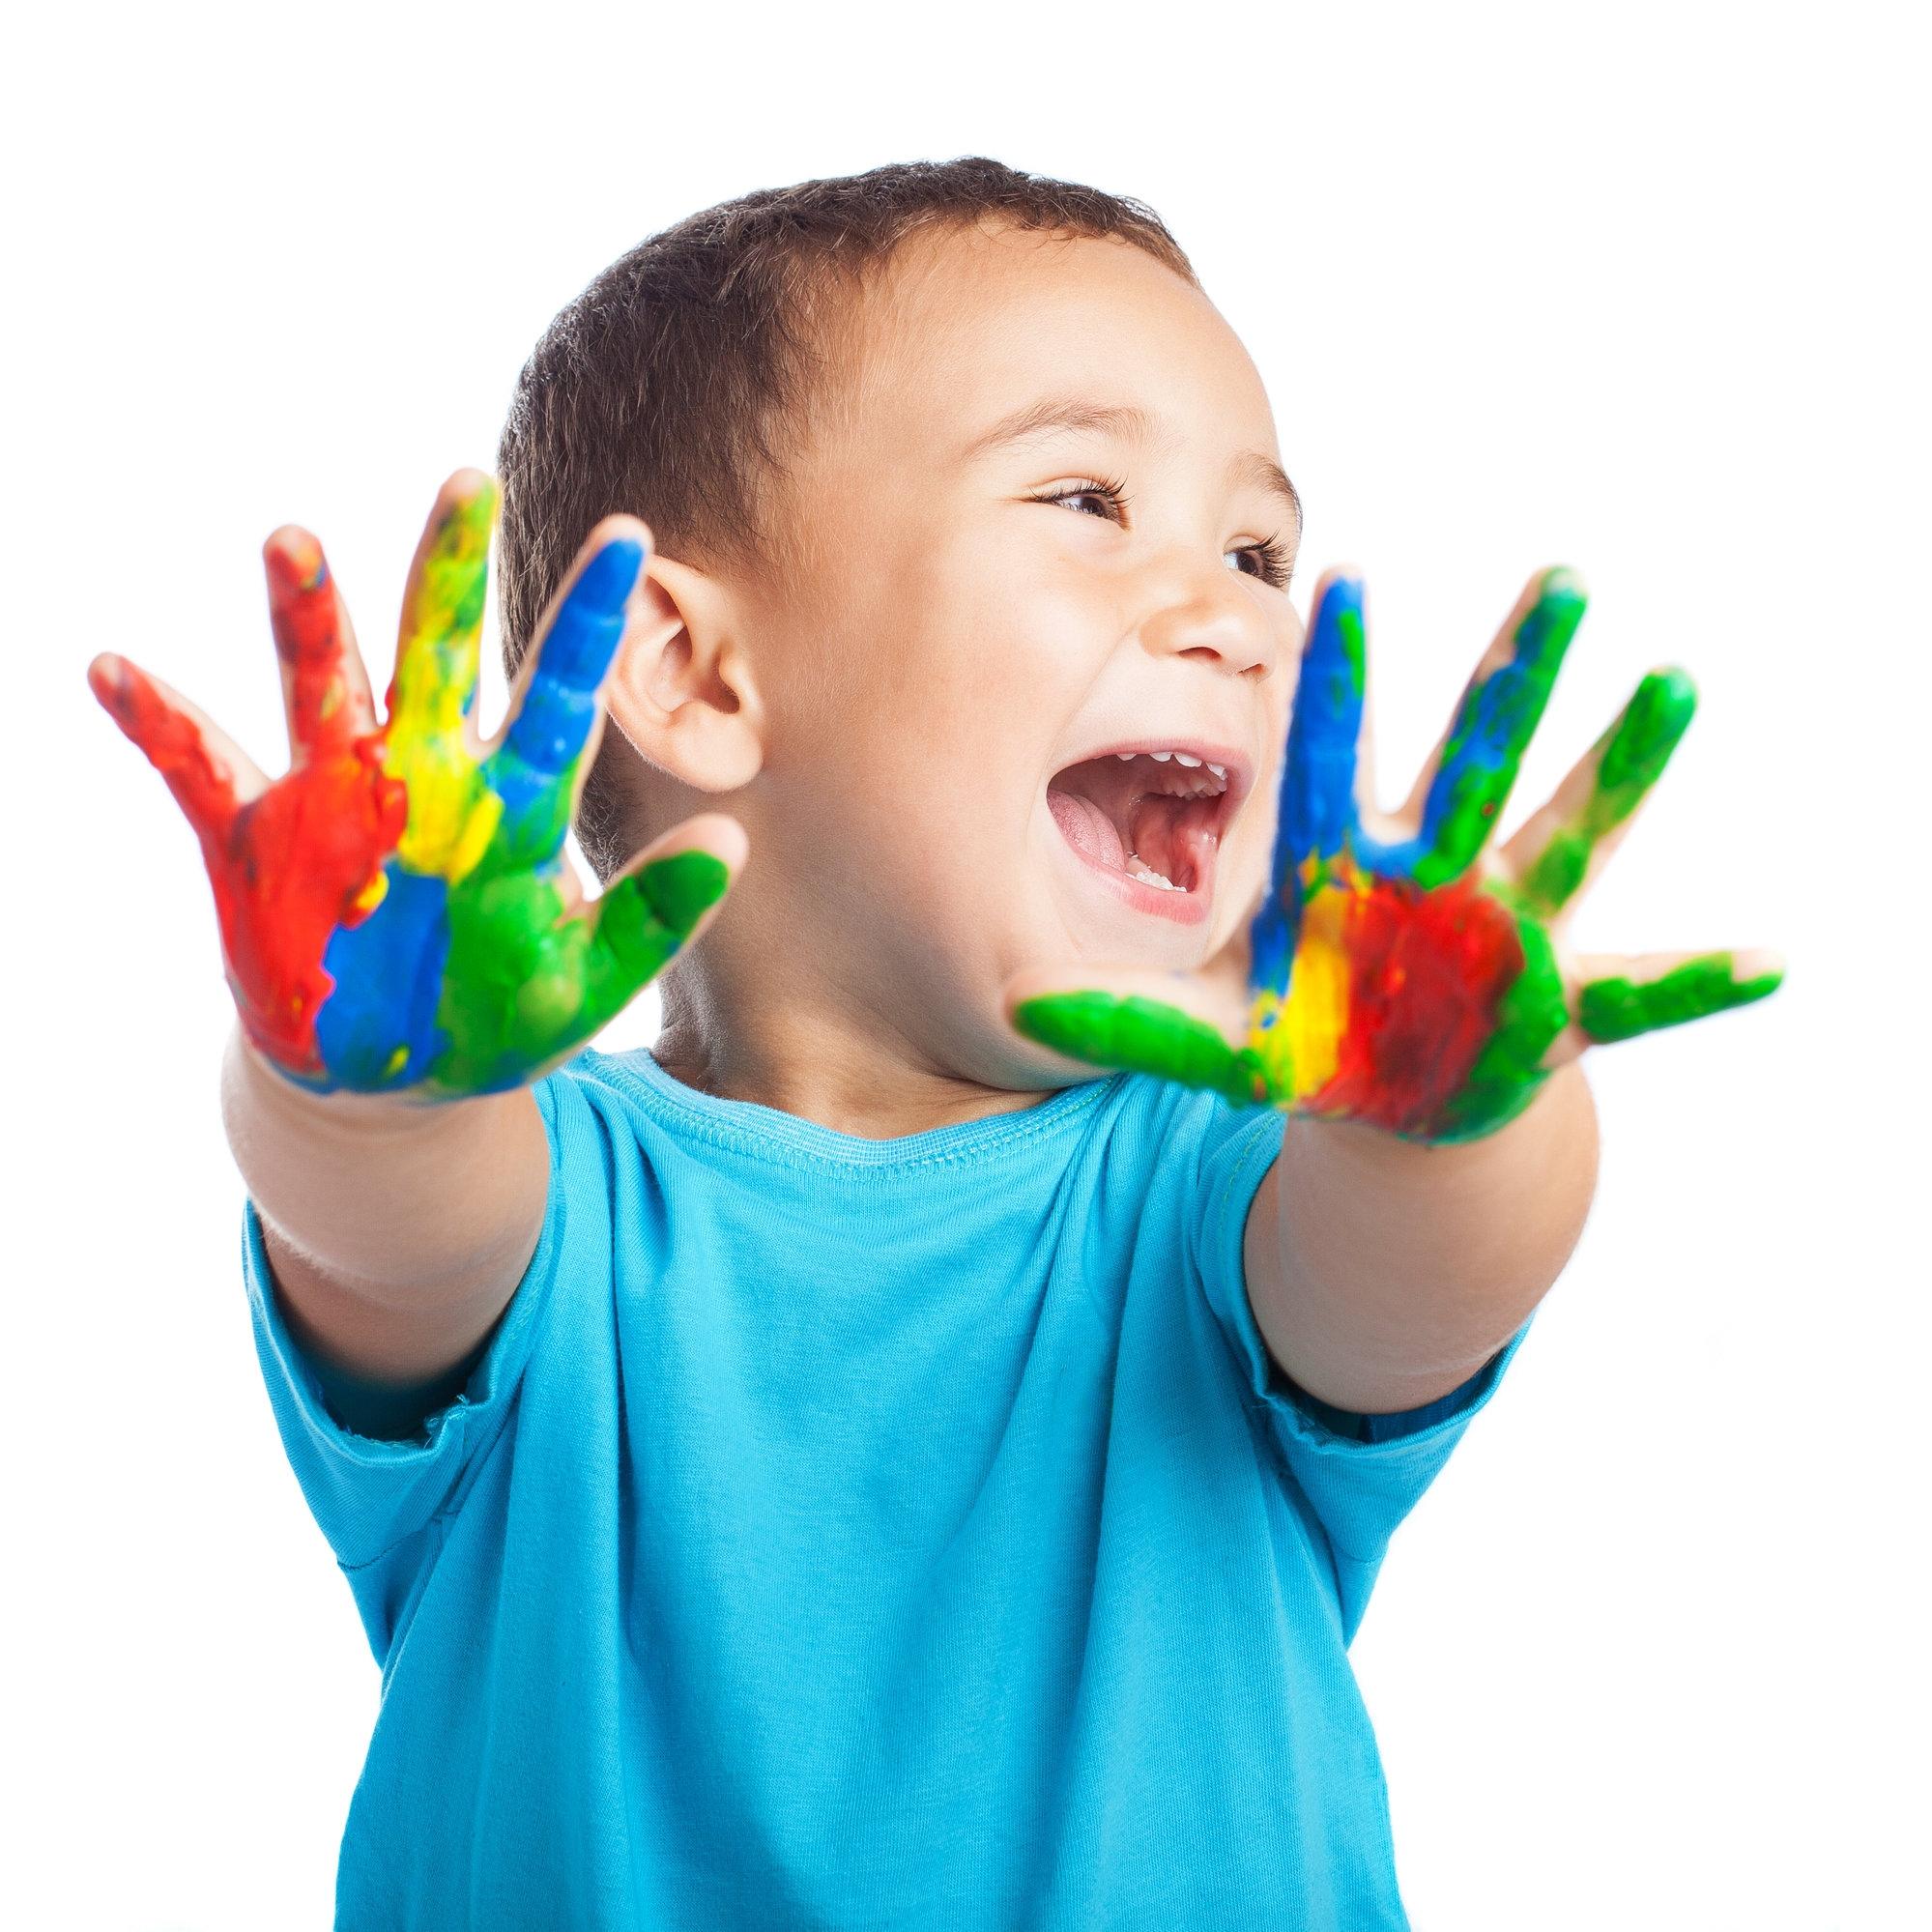 Little Boy Paint Hands.jpg